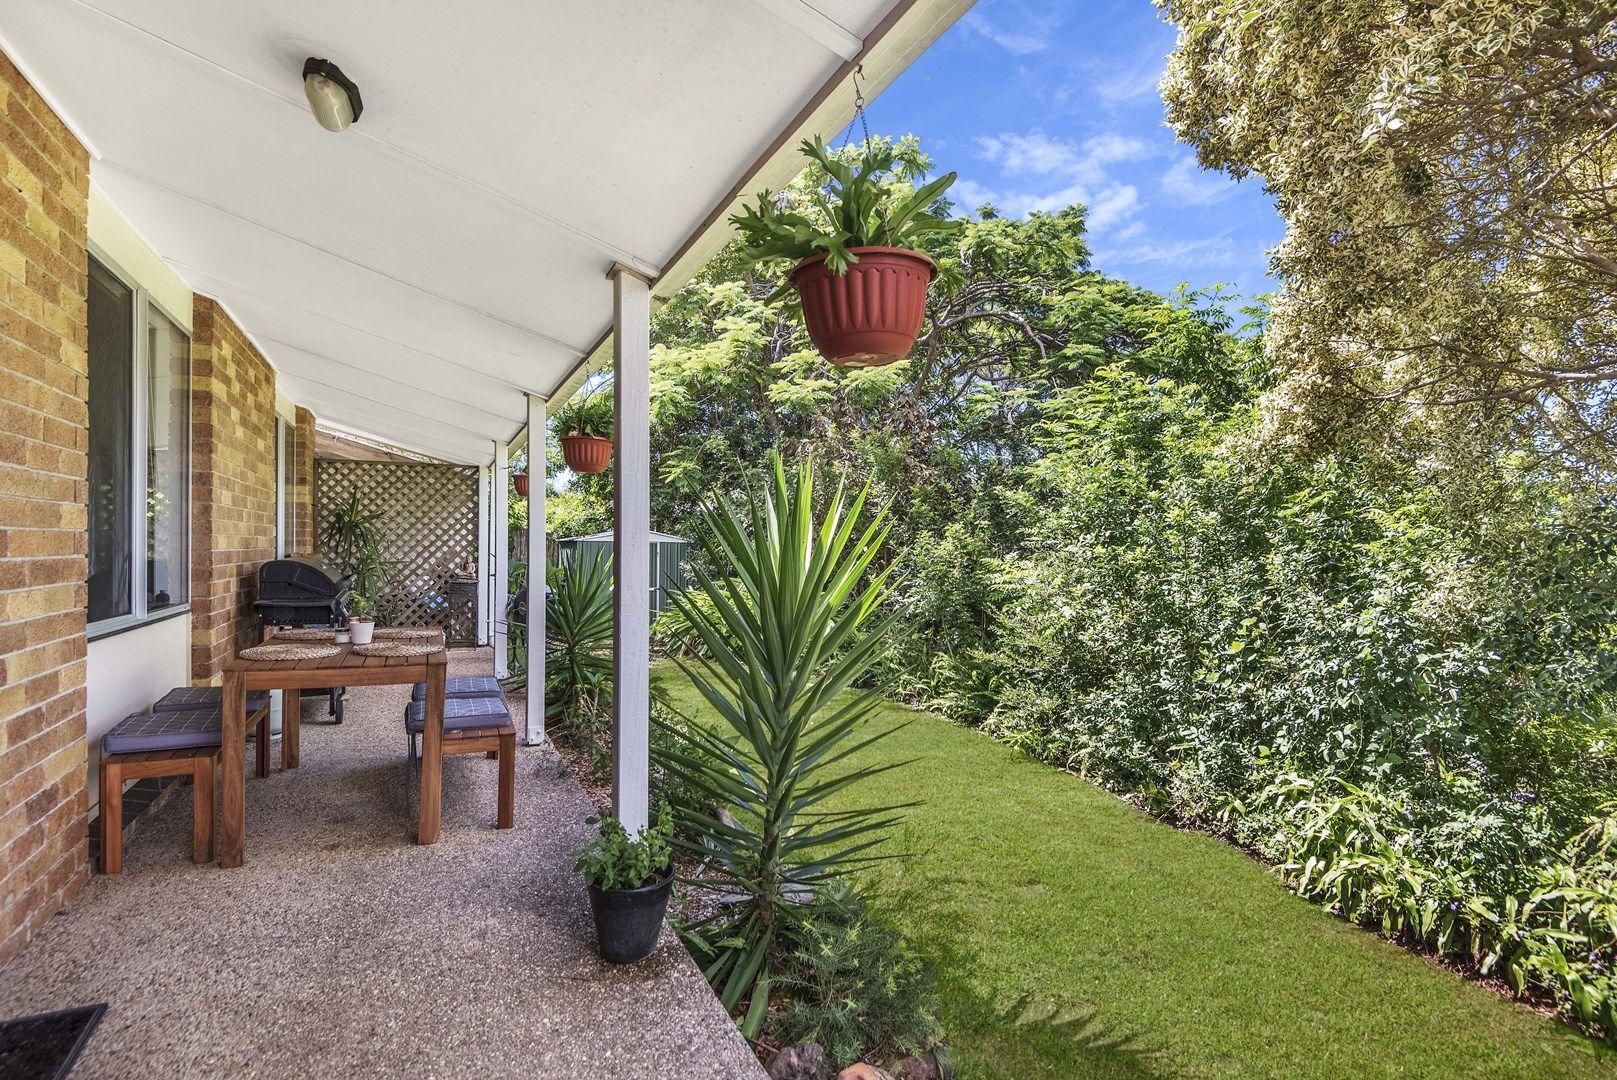 42 Skyline Terrace, Burleigh Heads QLD 4220, Image 1